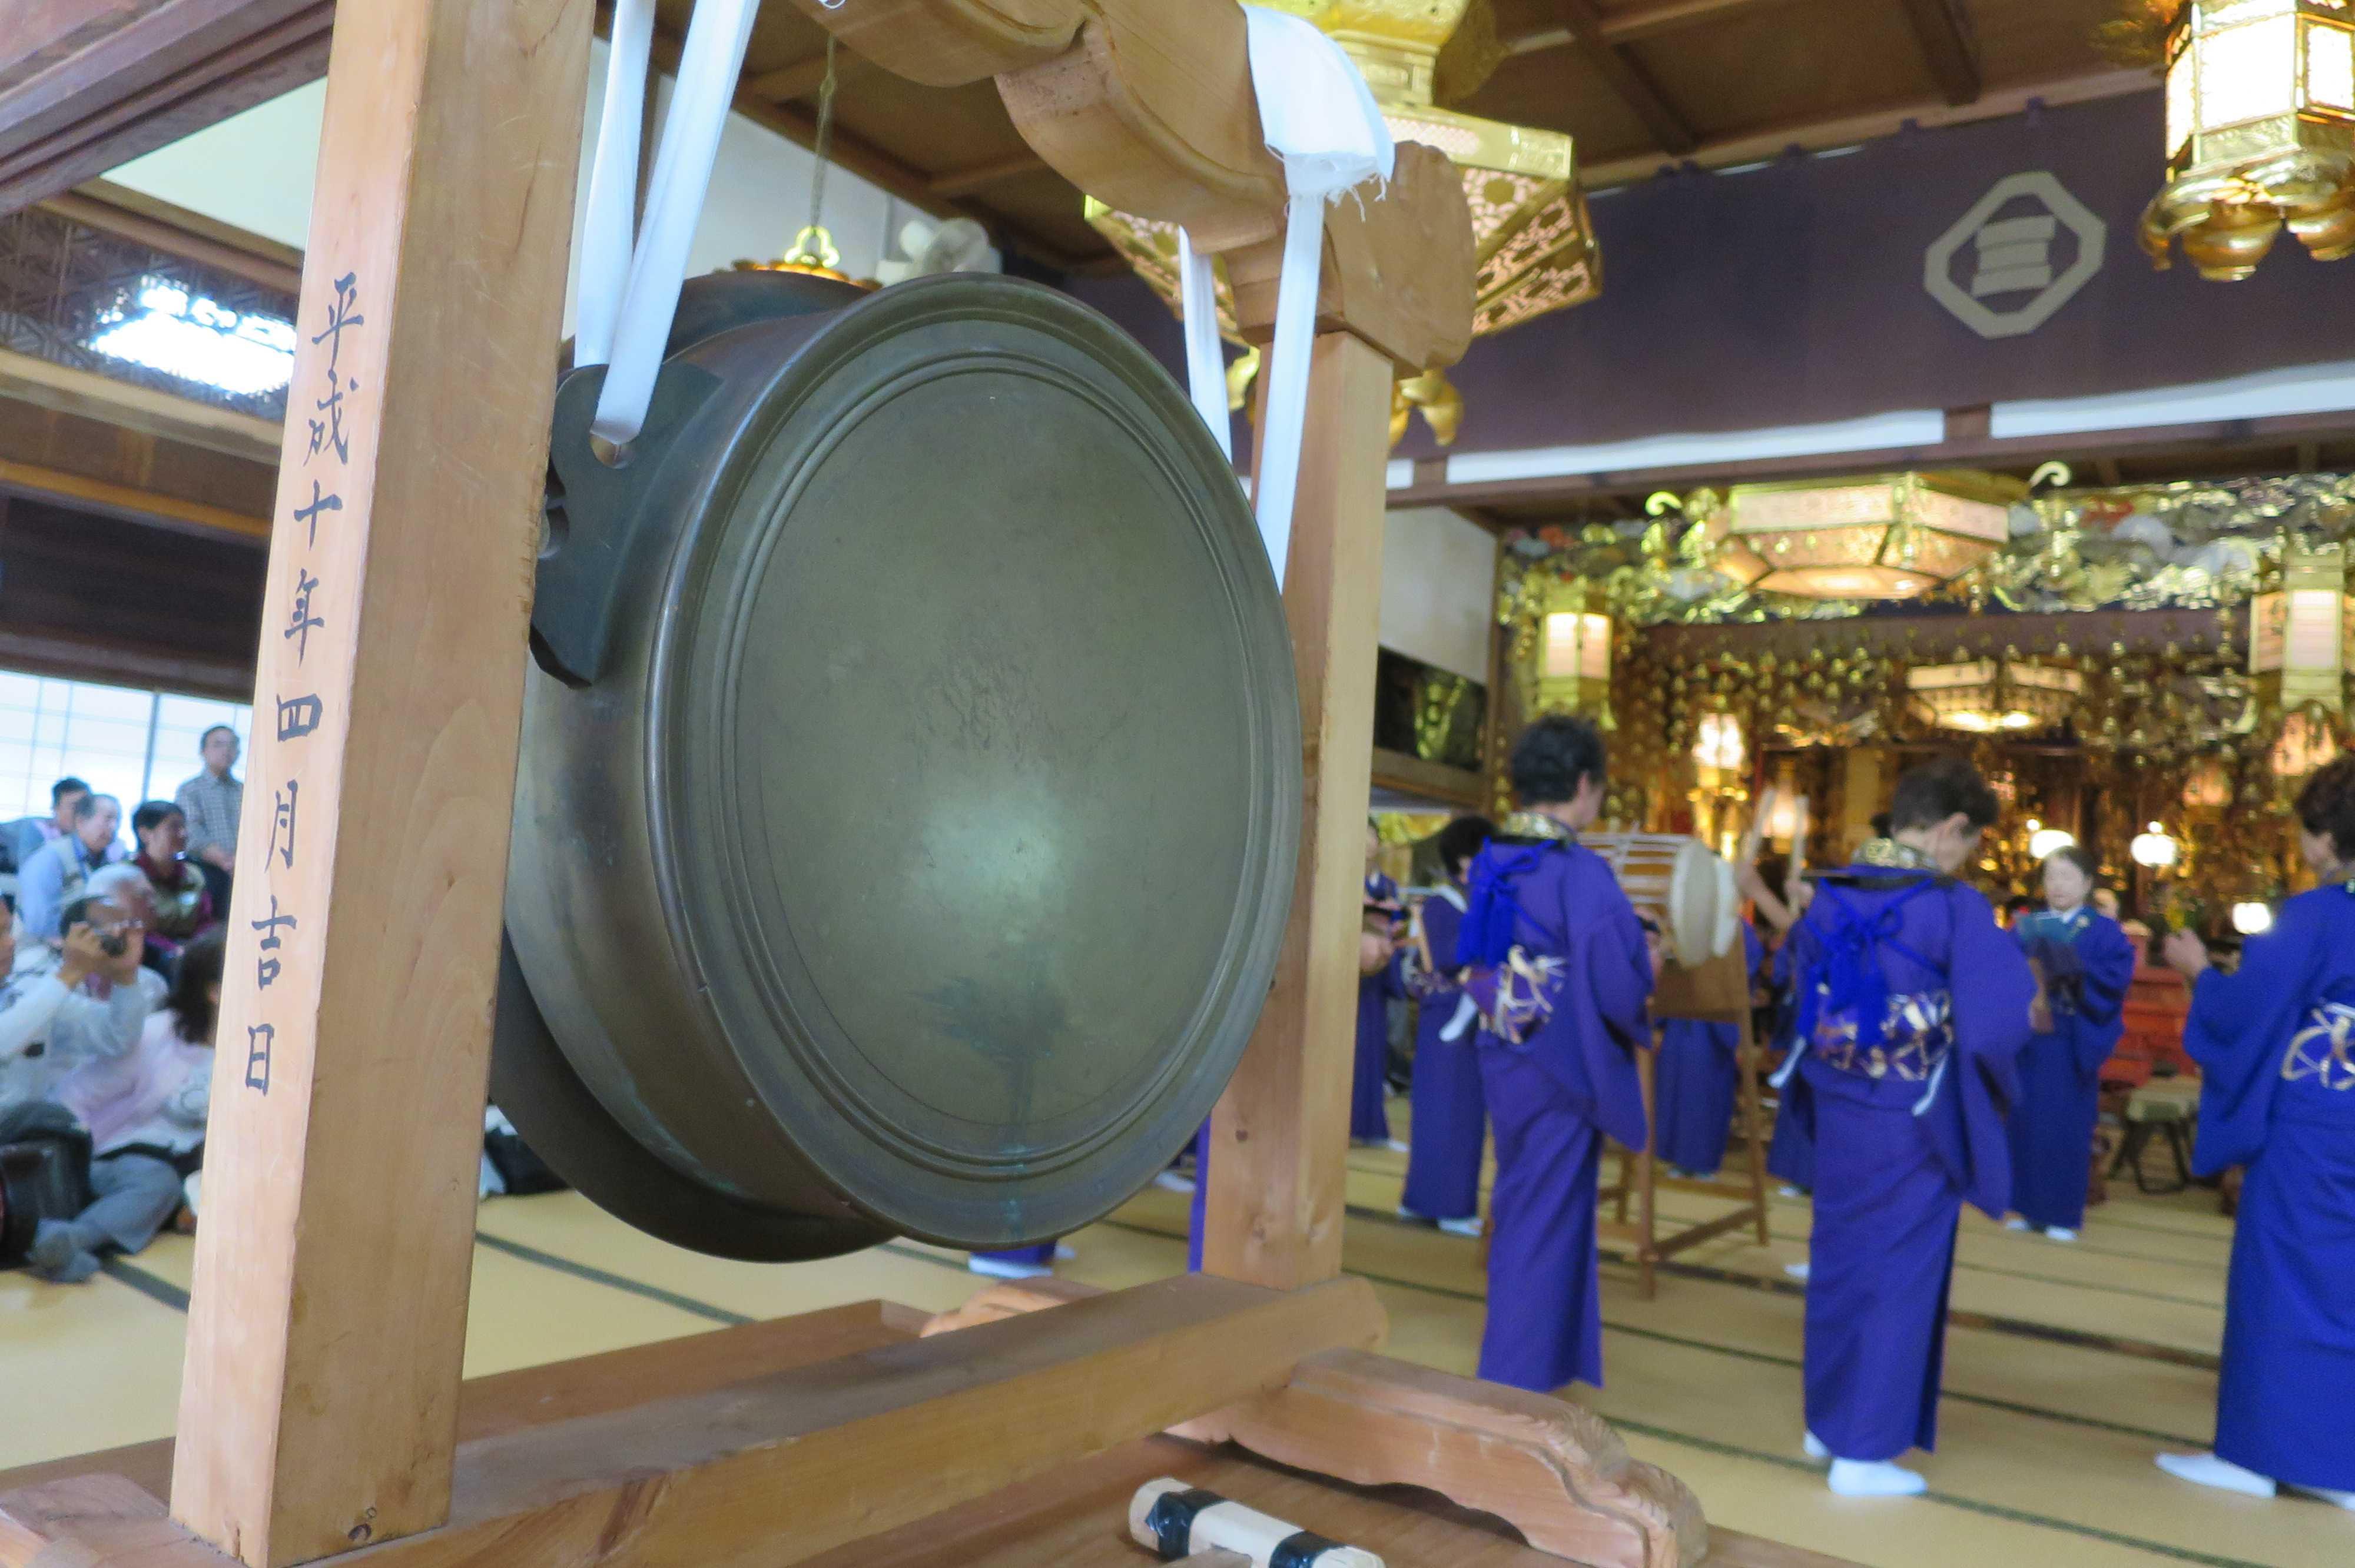 無量光寺の踊り念仏 - 大きな鉦